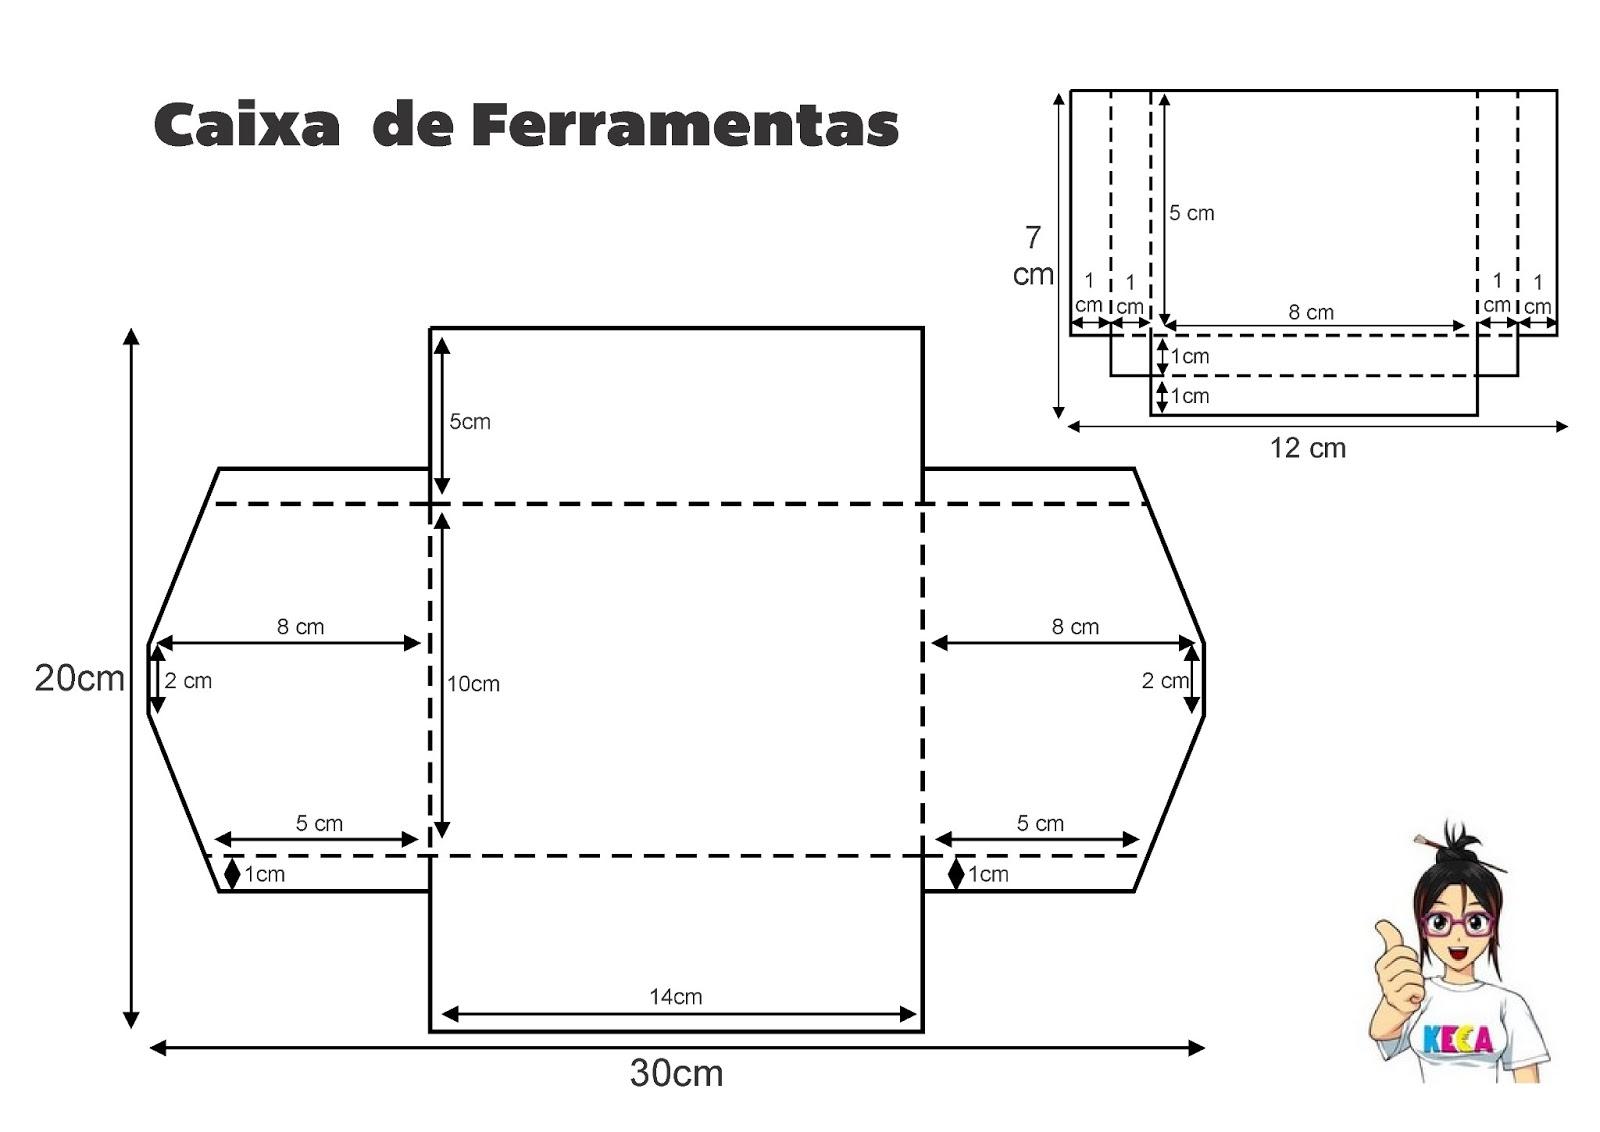 esquema caixa ferramentas jpg 1600 1132 more esquema caixa ferramentas  #B11A74 1600x1132